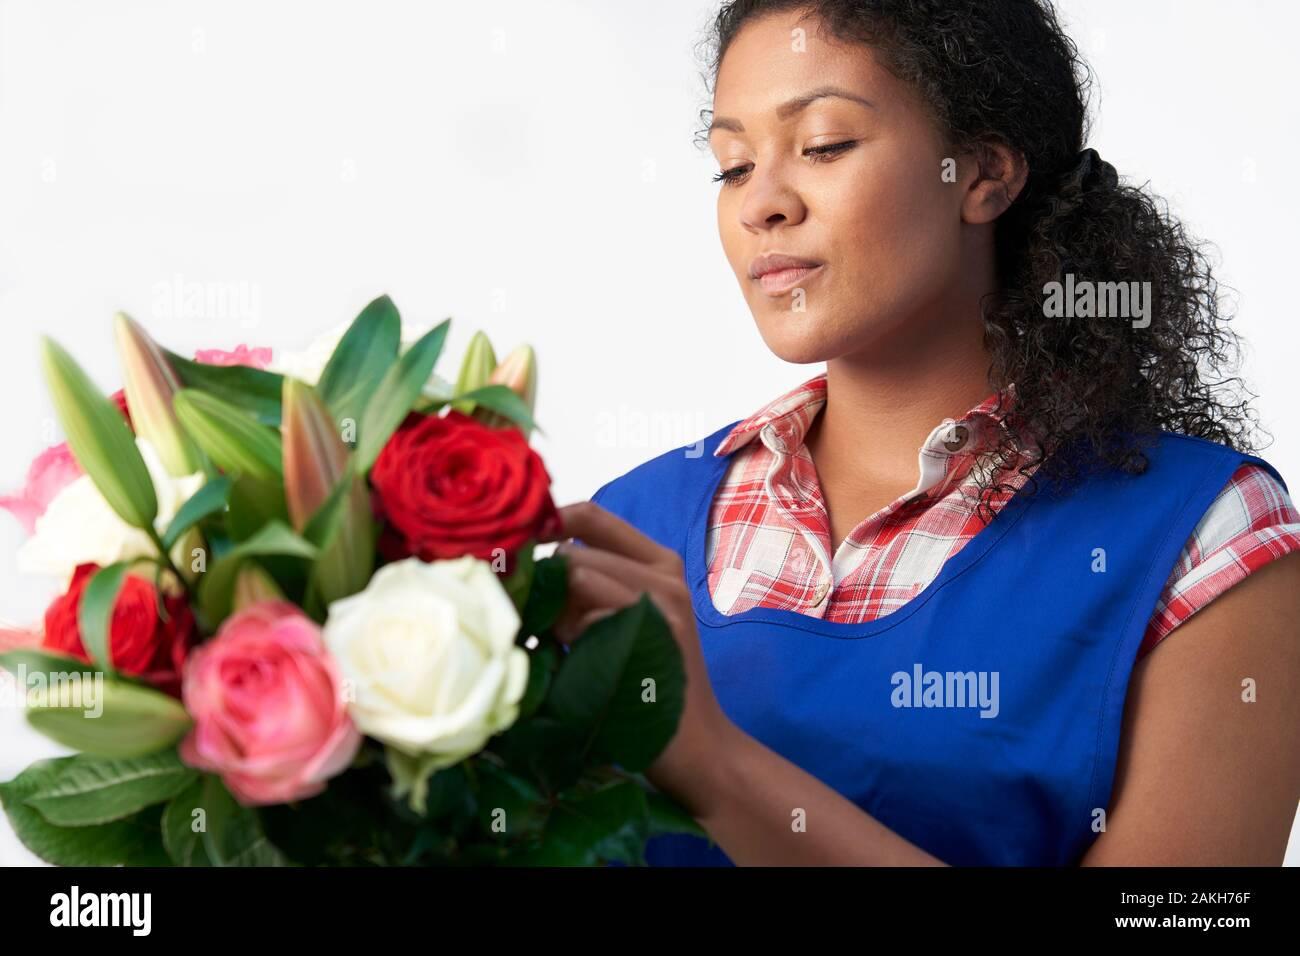 Floristería Femenina Arreglando El Ramo De Flores Y Rosas Contra El Fondo Blanco Foto de stock